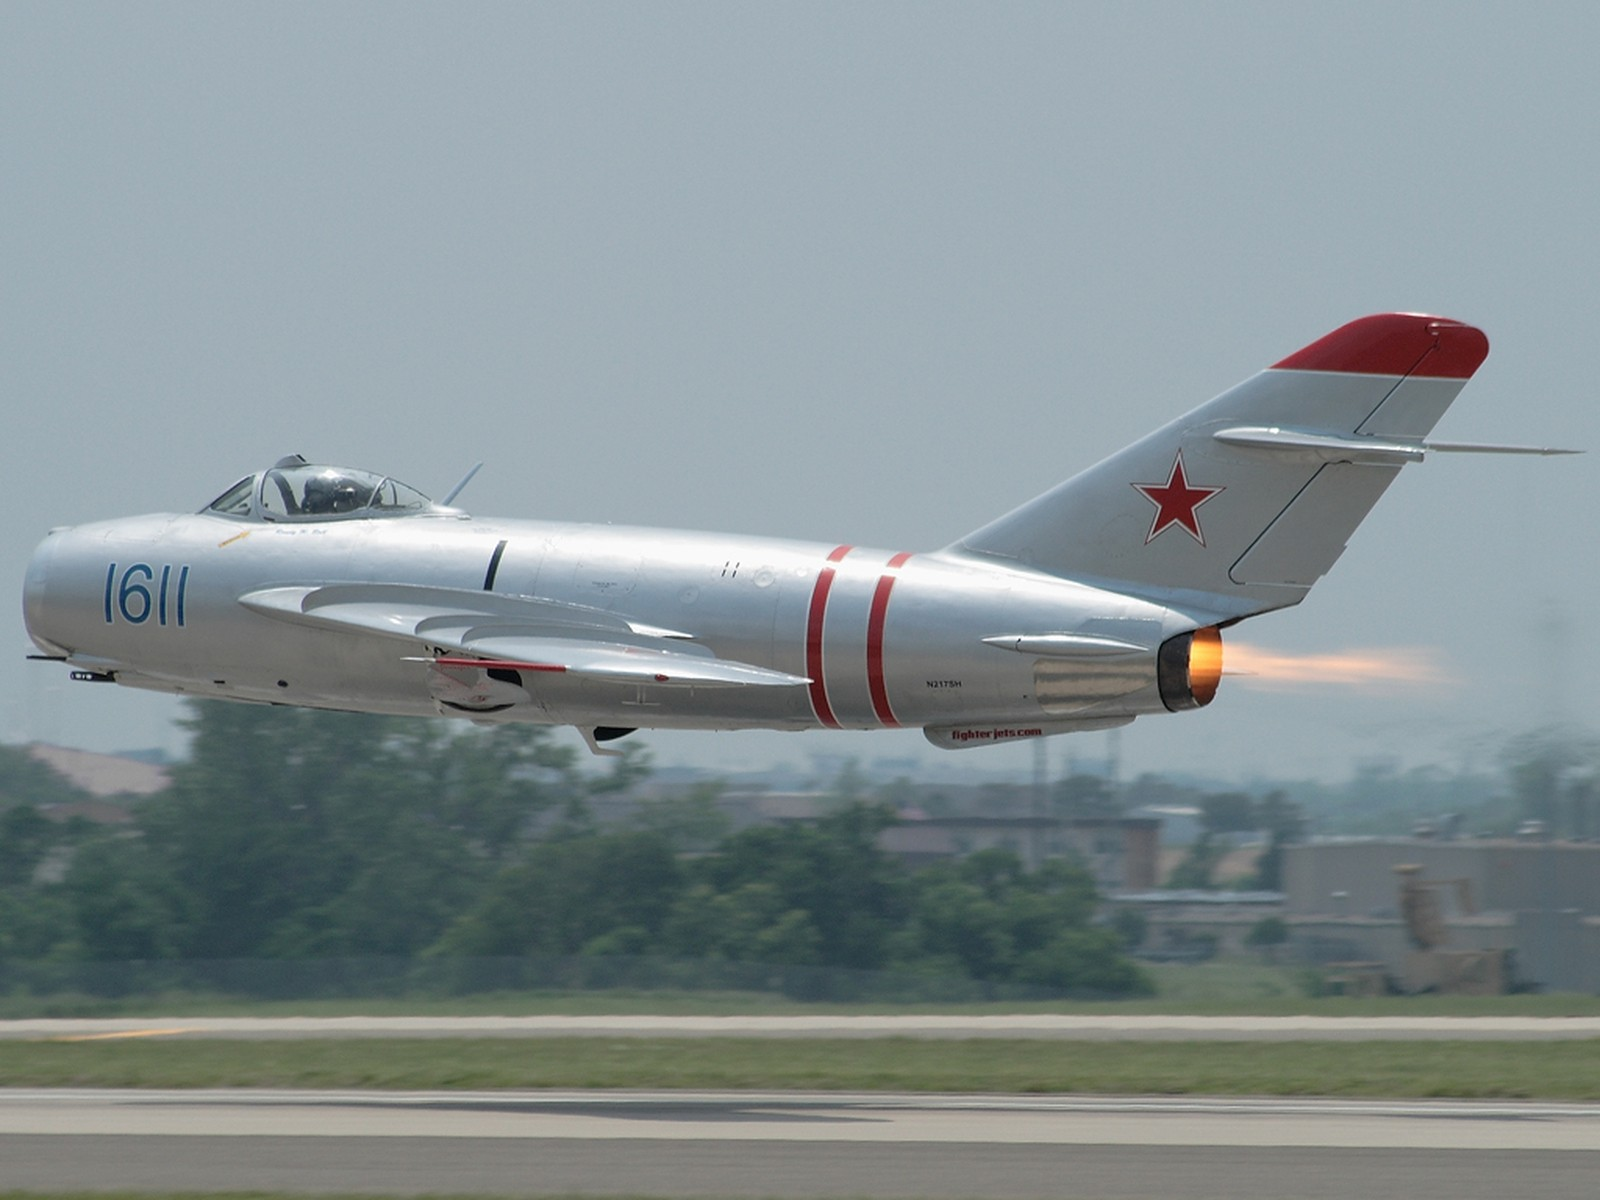 МиГ-17 на сверхмалой высоте